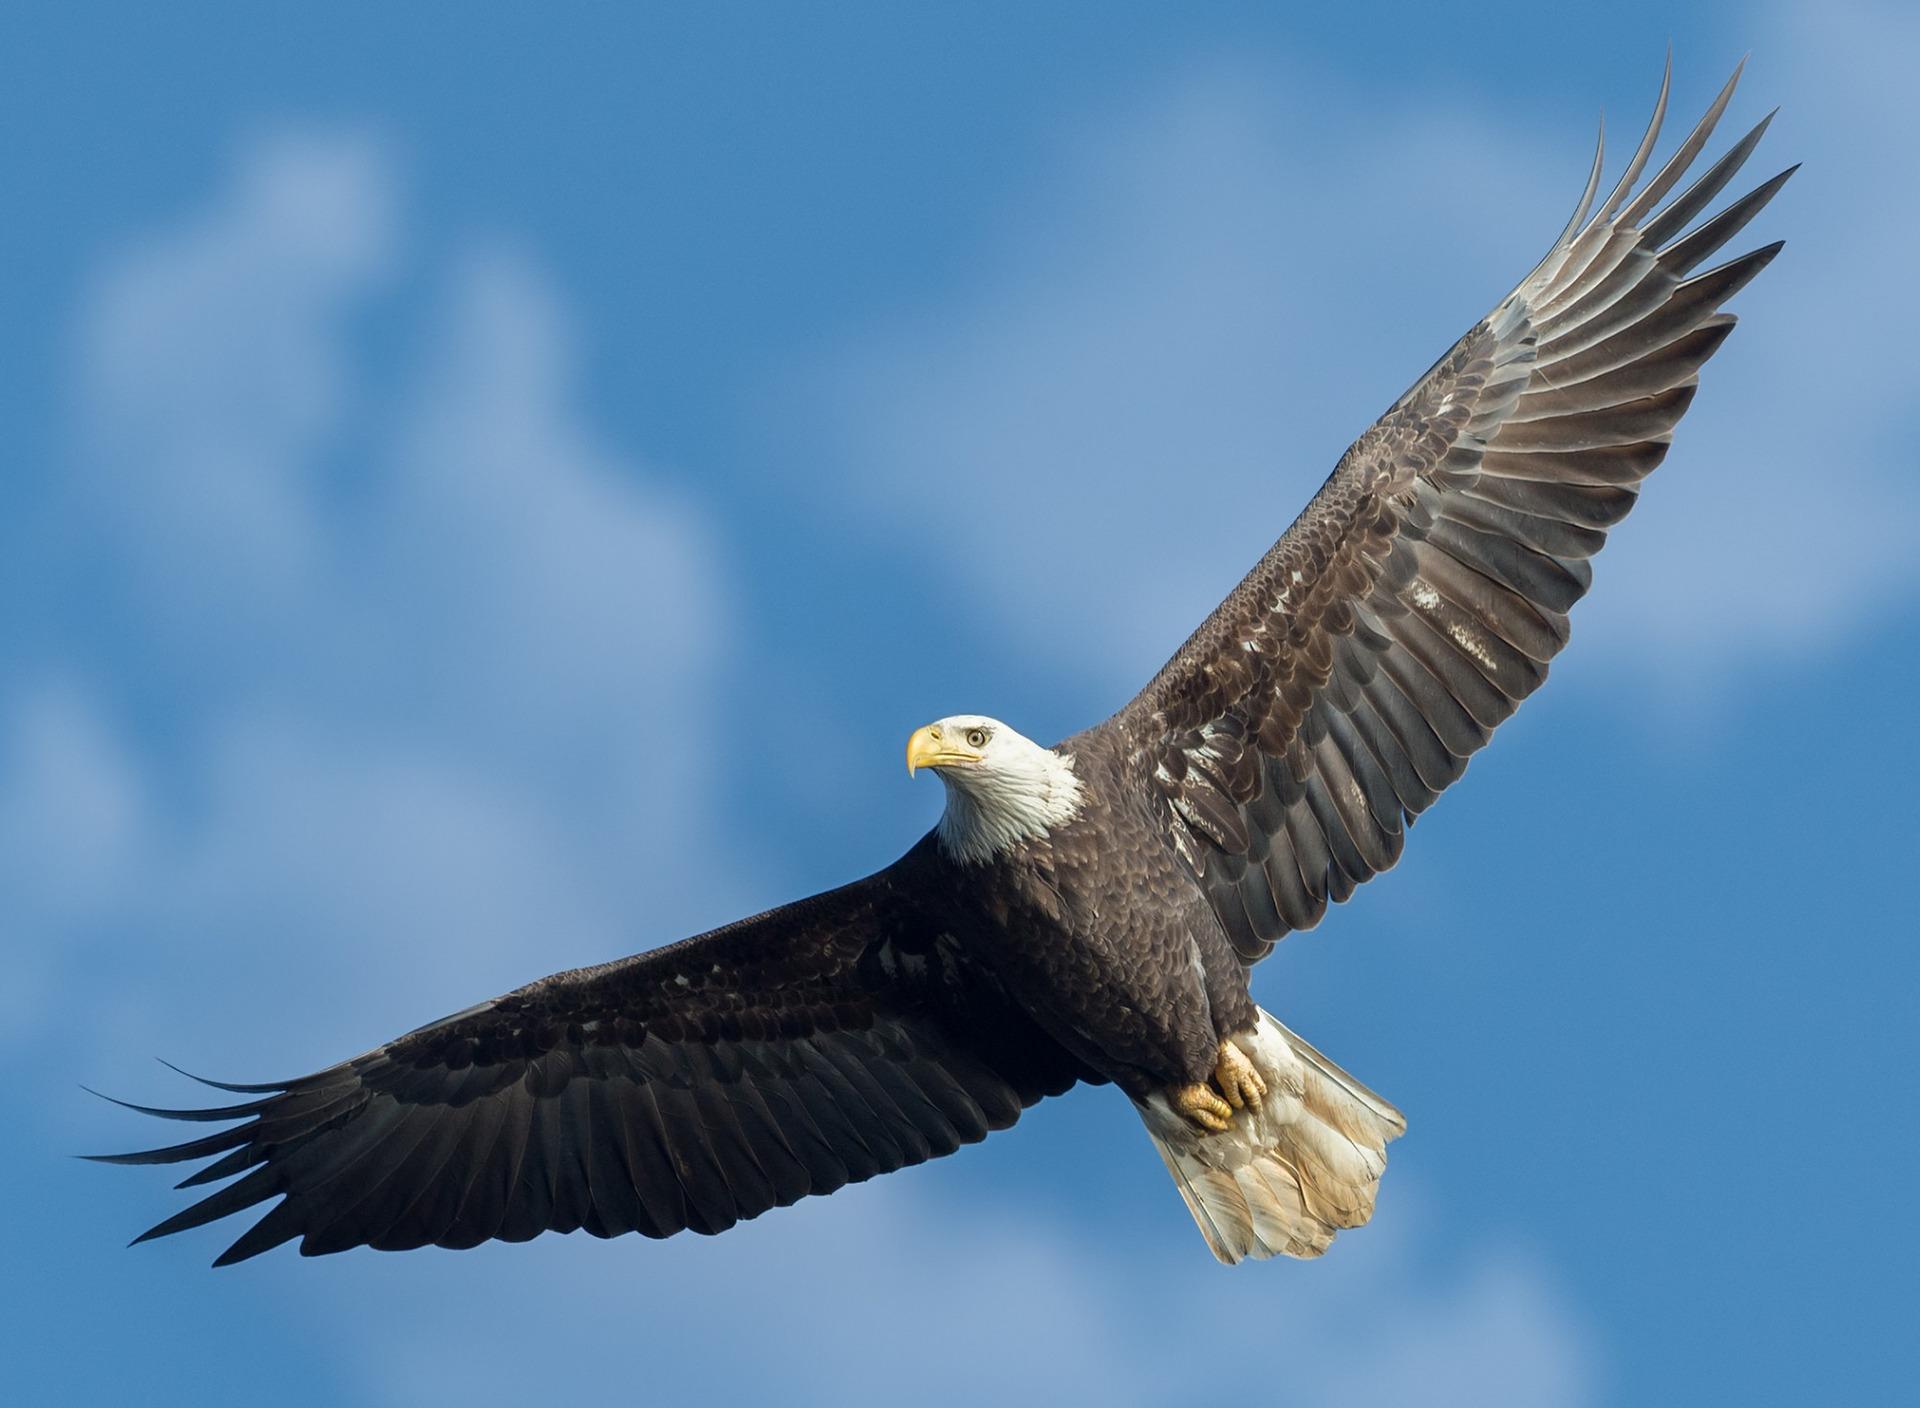 фотографии летящего орла пармейстер досконально